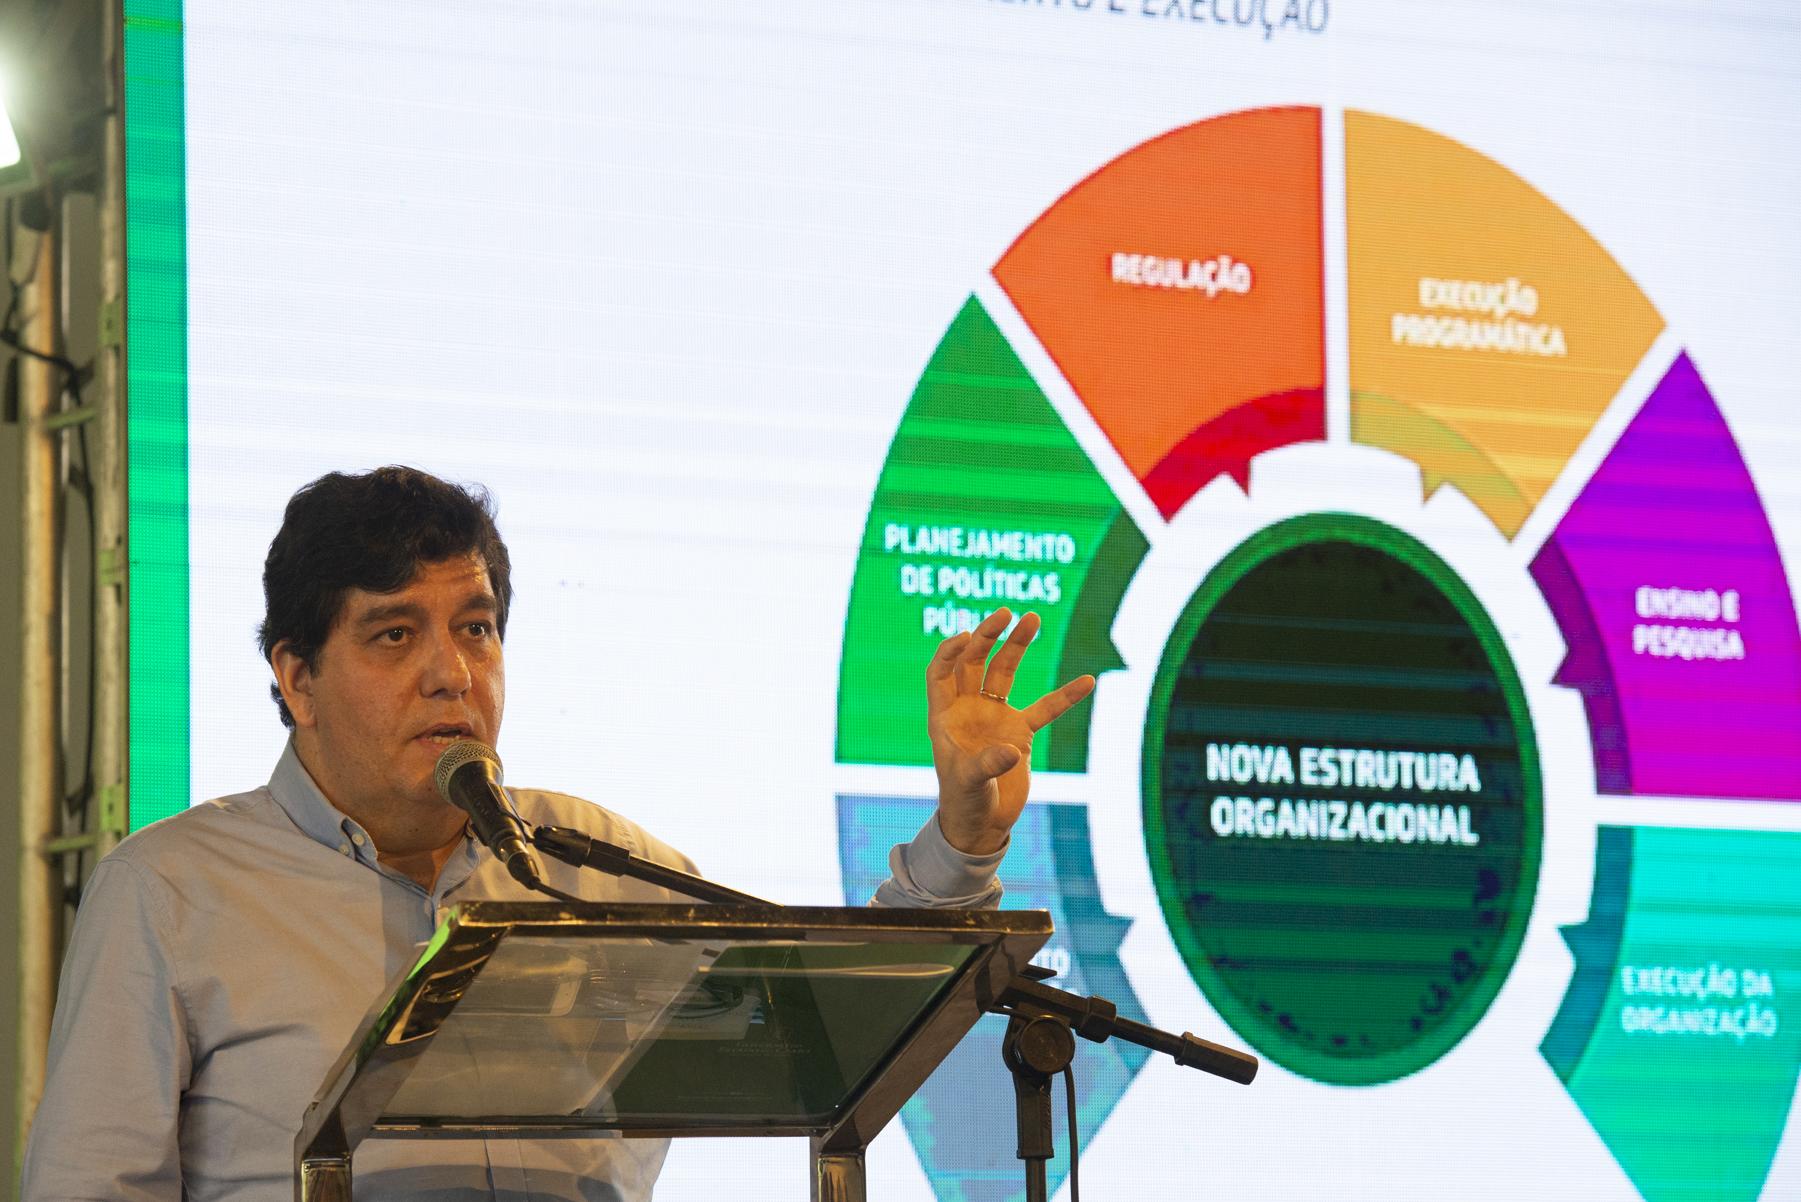 Governo do Ceará vai investir R$ 600 milhões extras na saúde e anuncia pacote de ações para o setor